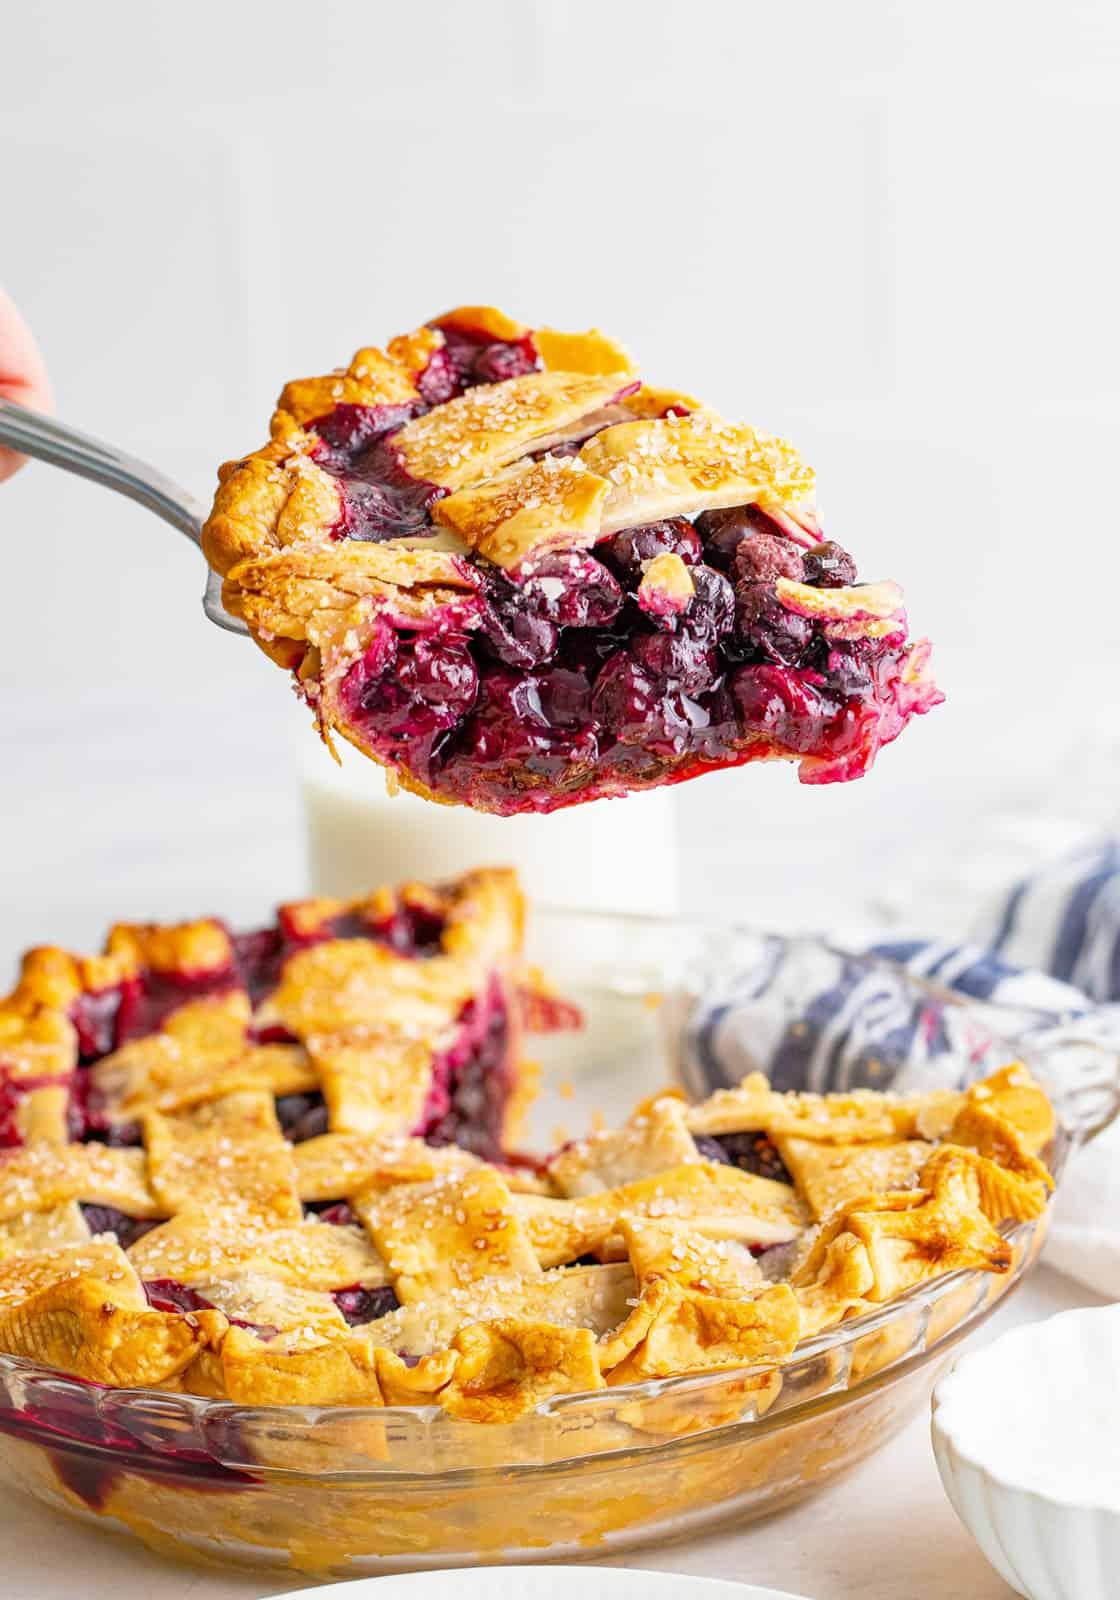 Pie scoop holding up slice of pie